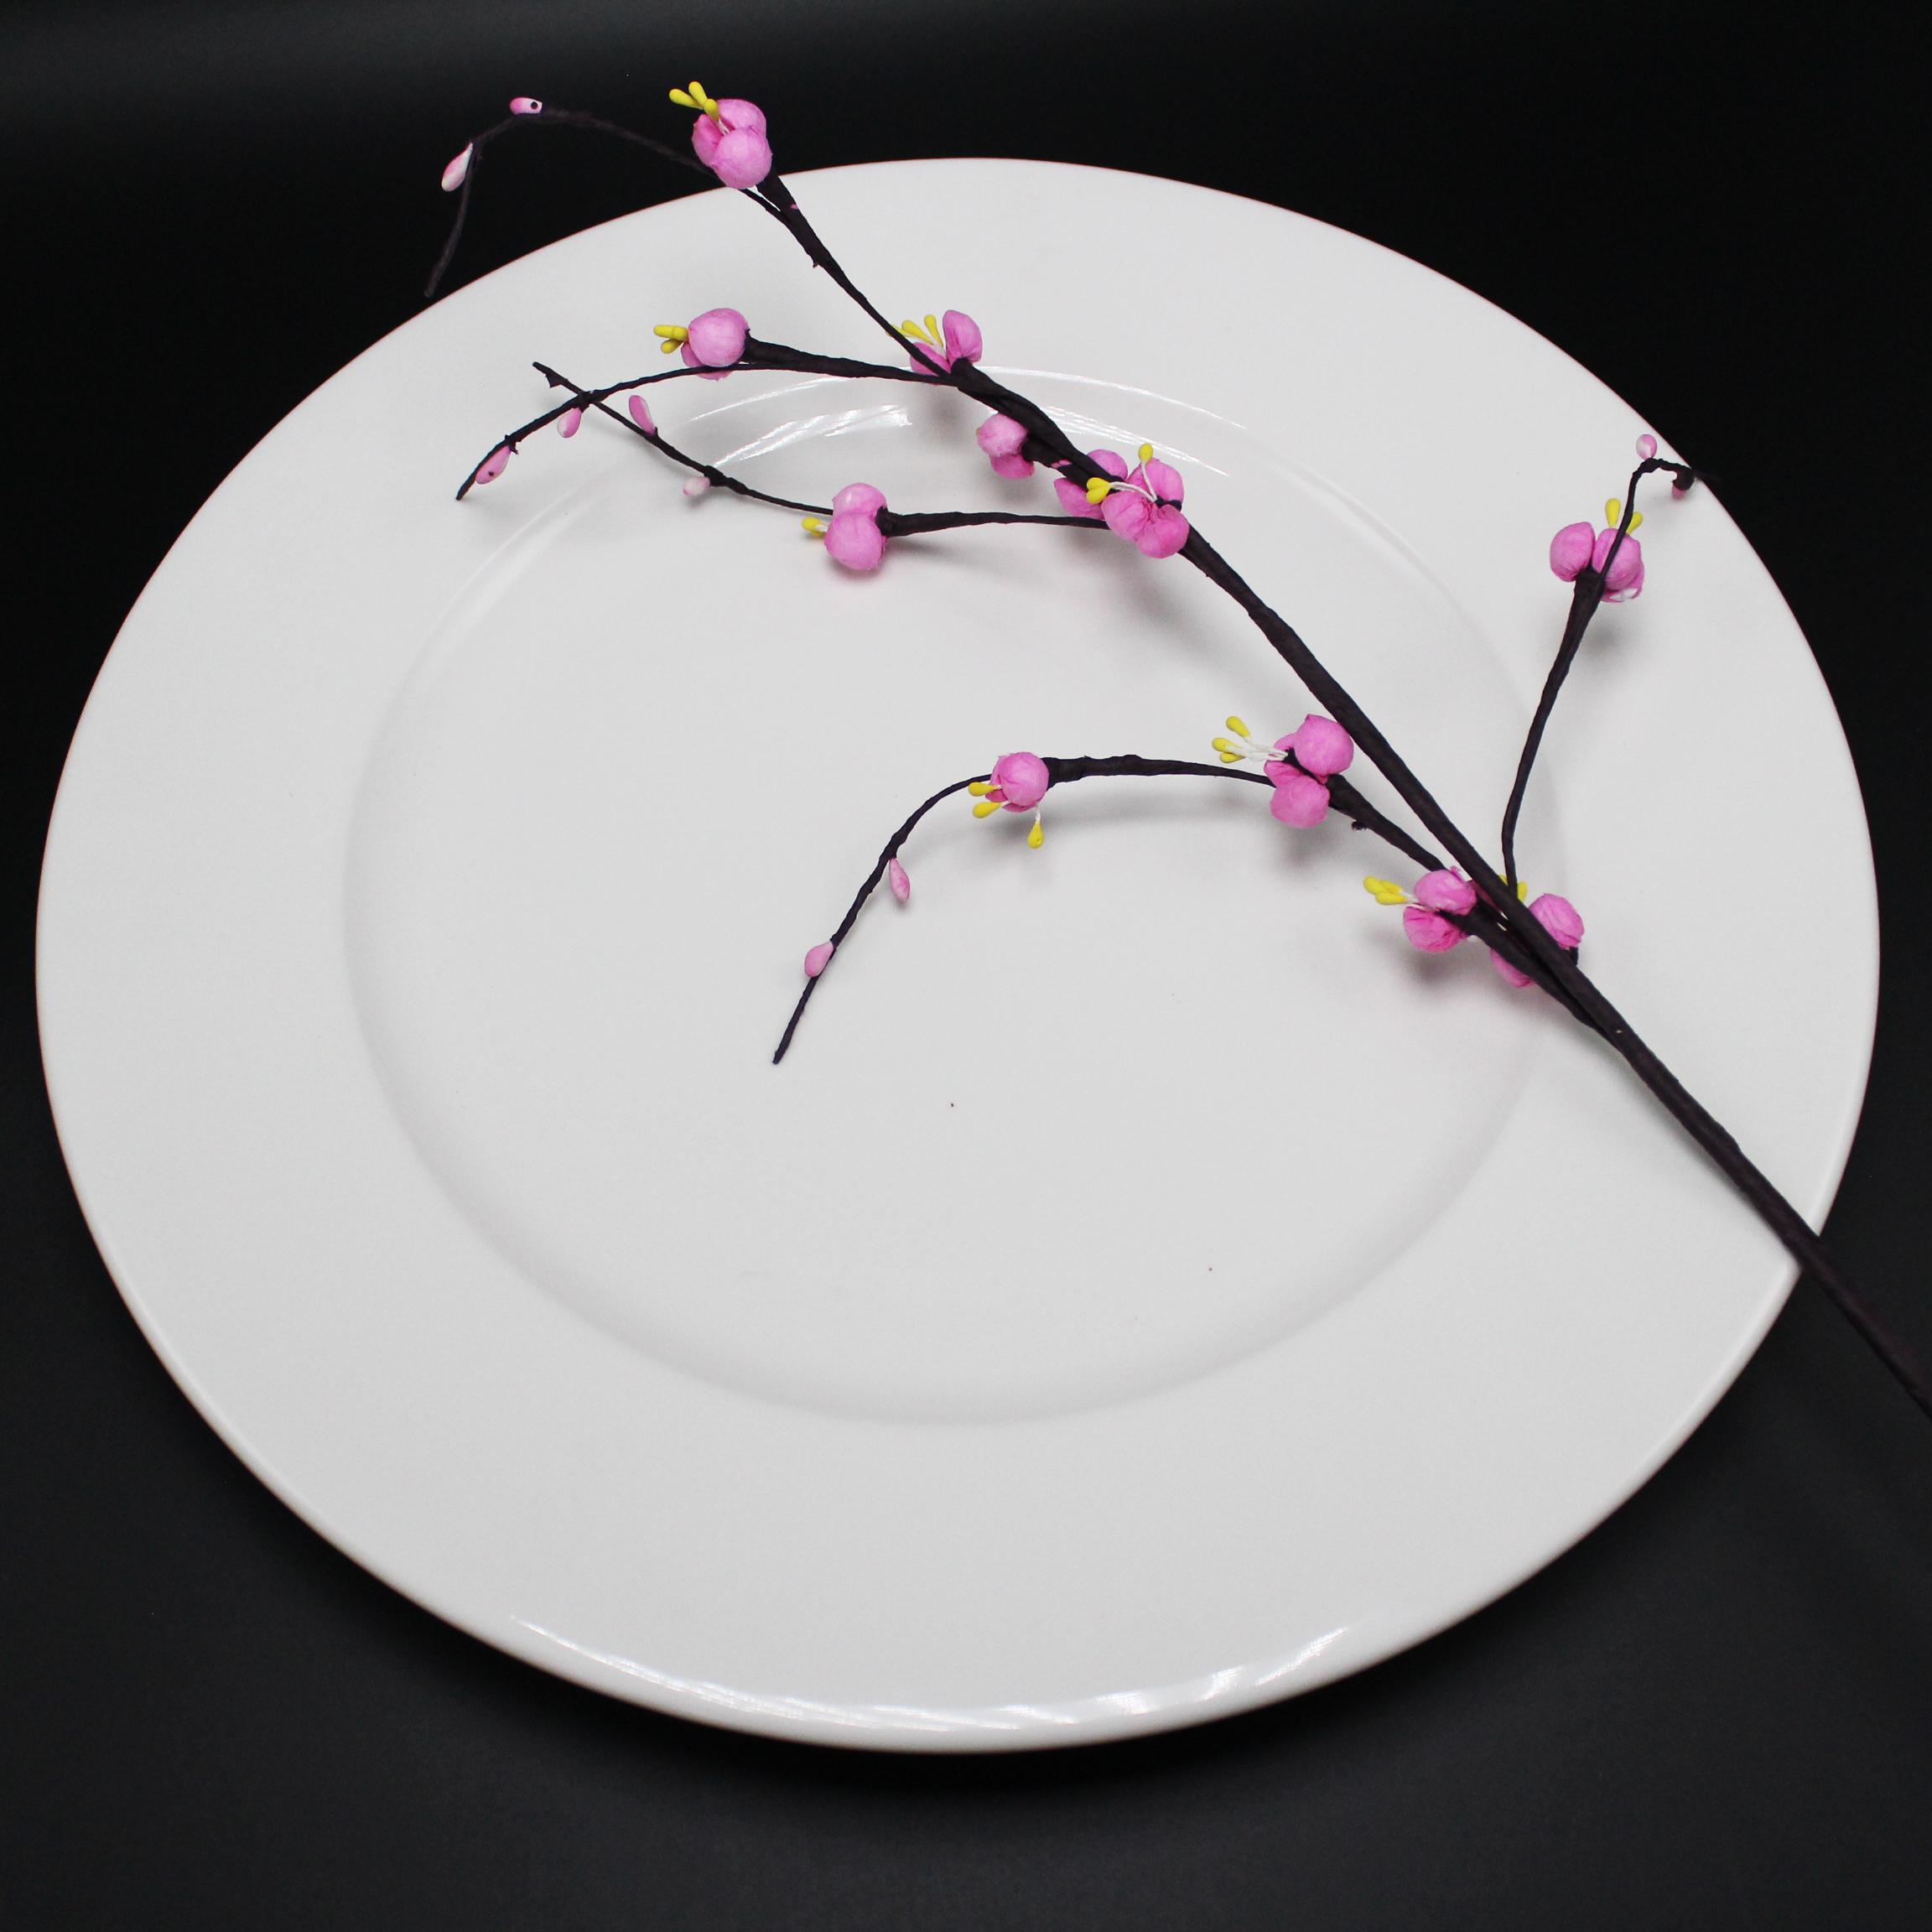 Dĩa tròn 15 cm trắng ngà - MNV - 581585000